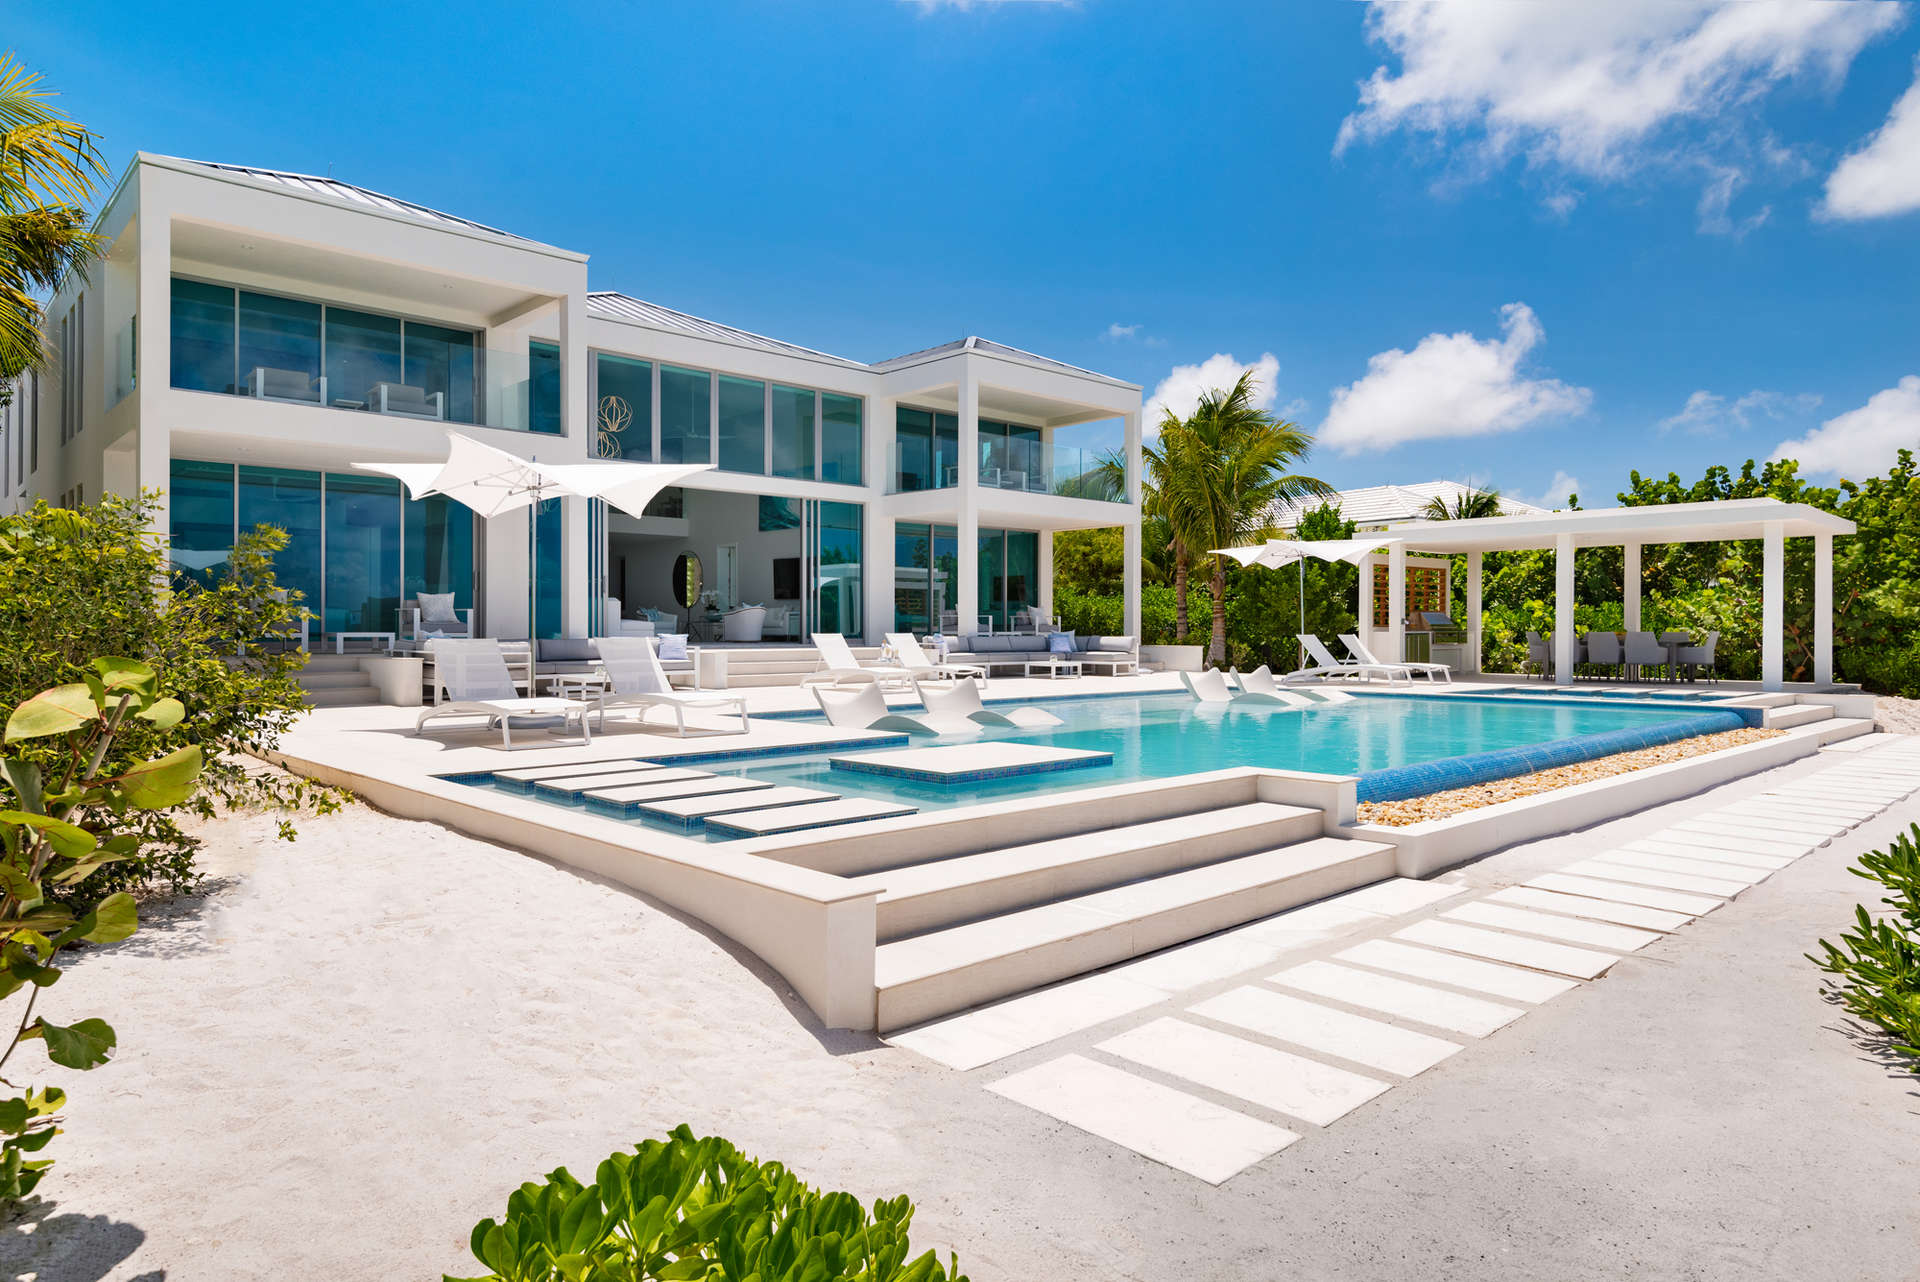 Luxury villa rentals caribbean - Turks and caicos - Providenciales - Grace bay - Seaclusion Villa - Image 1/30